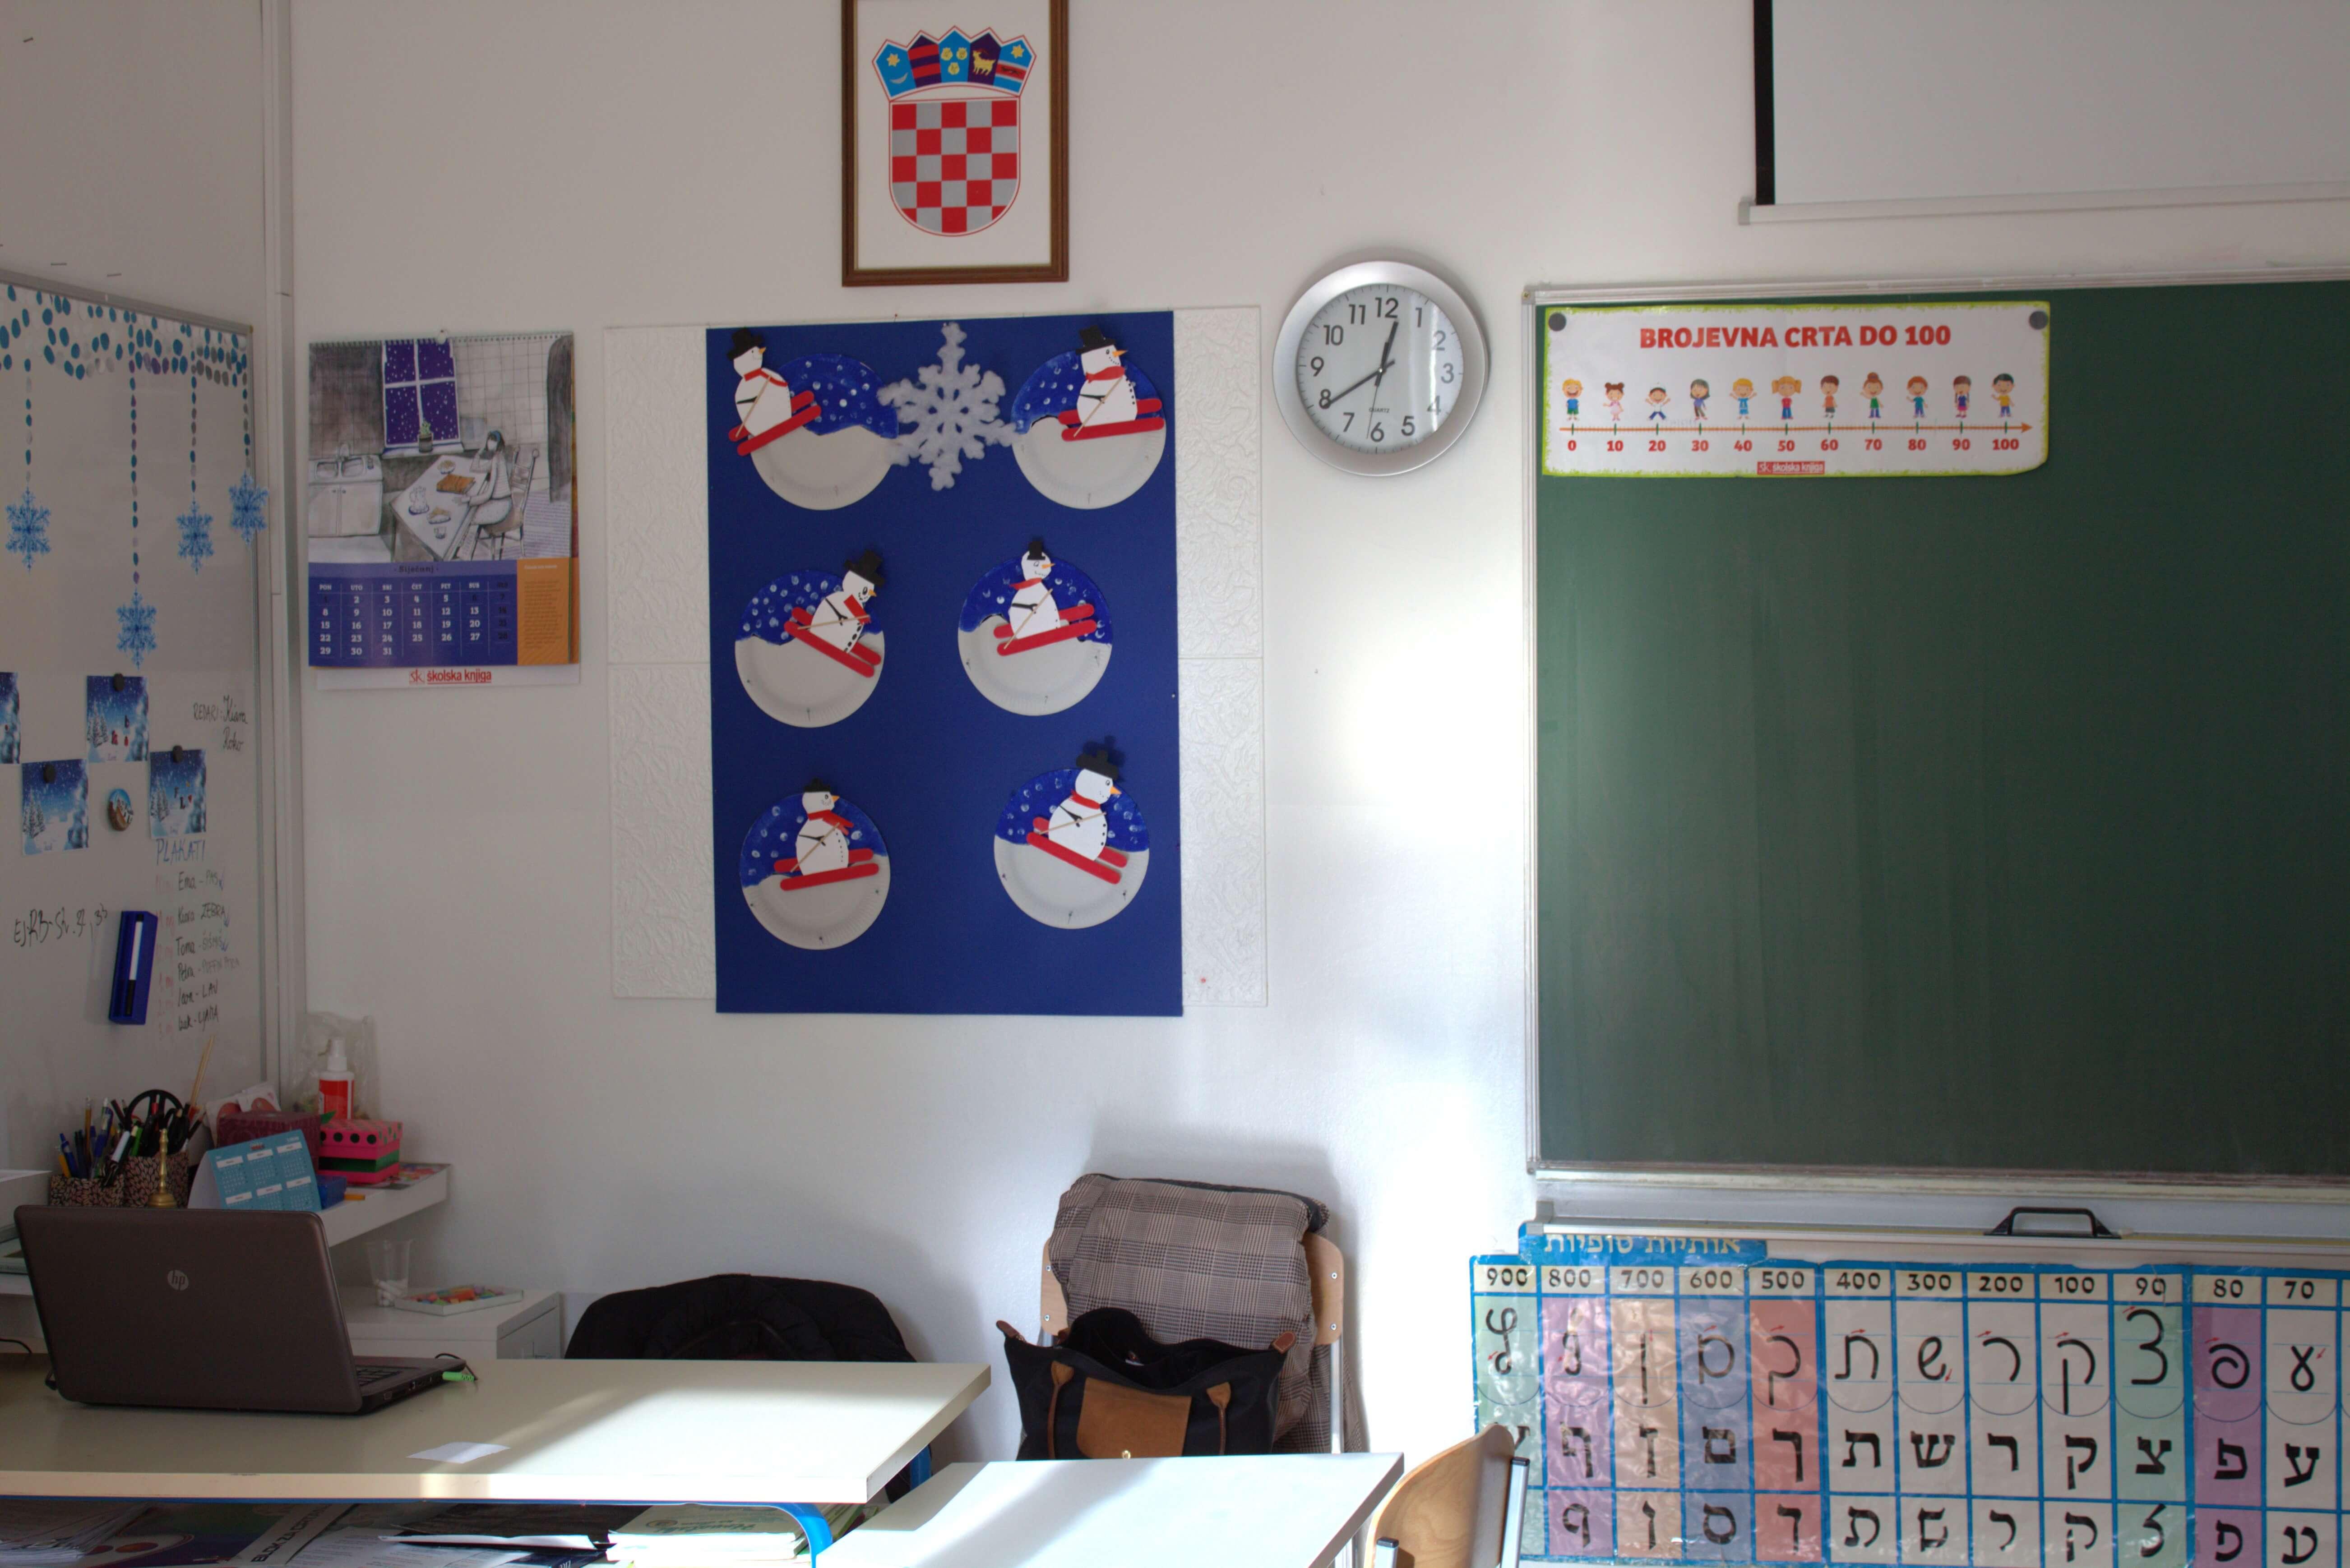 Nakon našeg članka, mnoge su škole poželjele ovakav oblik online nastave: Zagrebačka škola izradila je upute